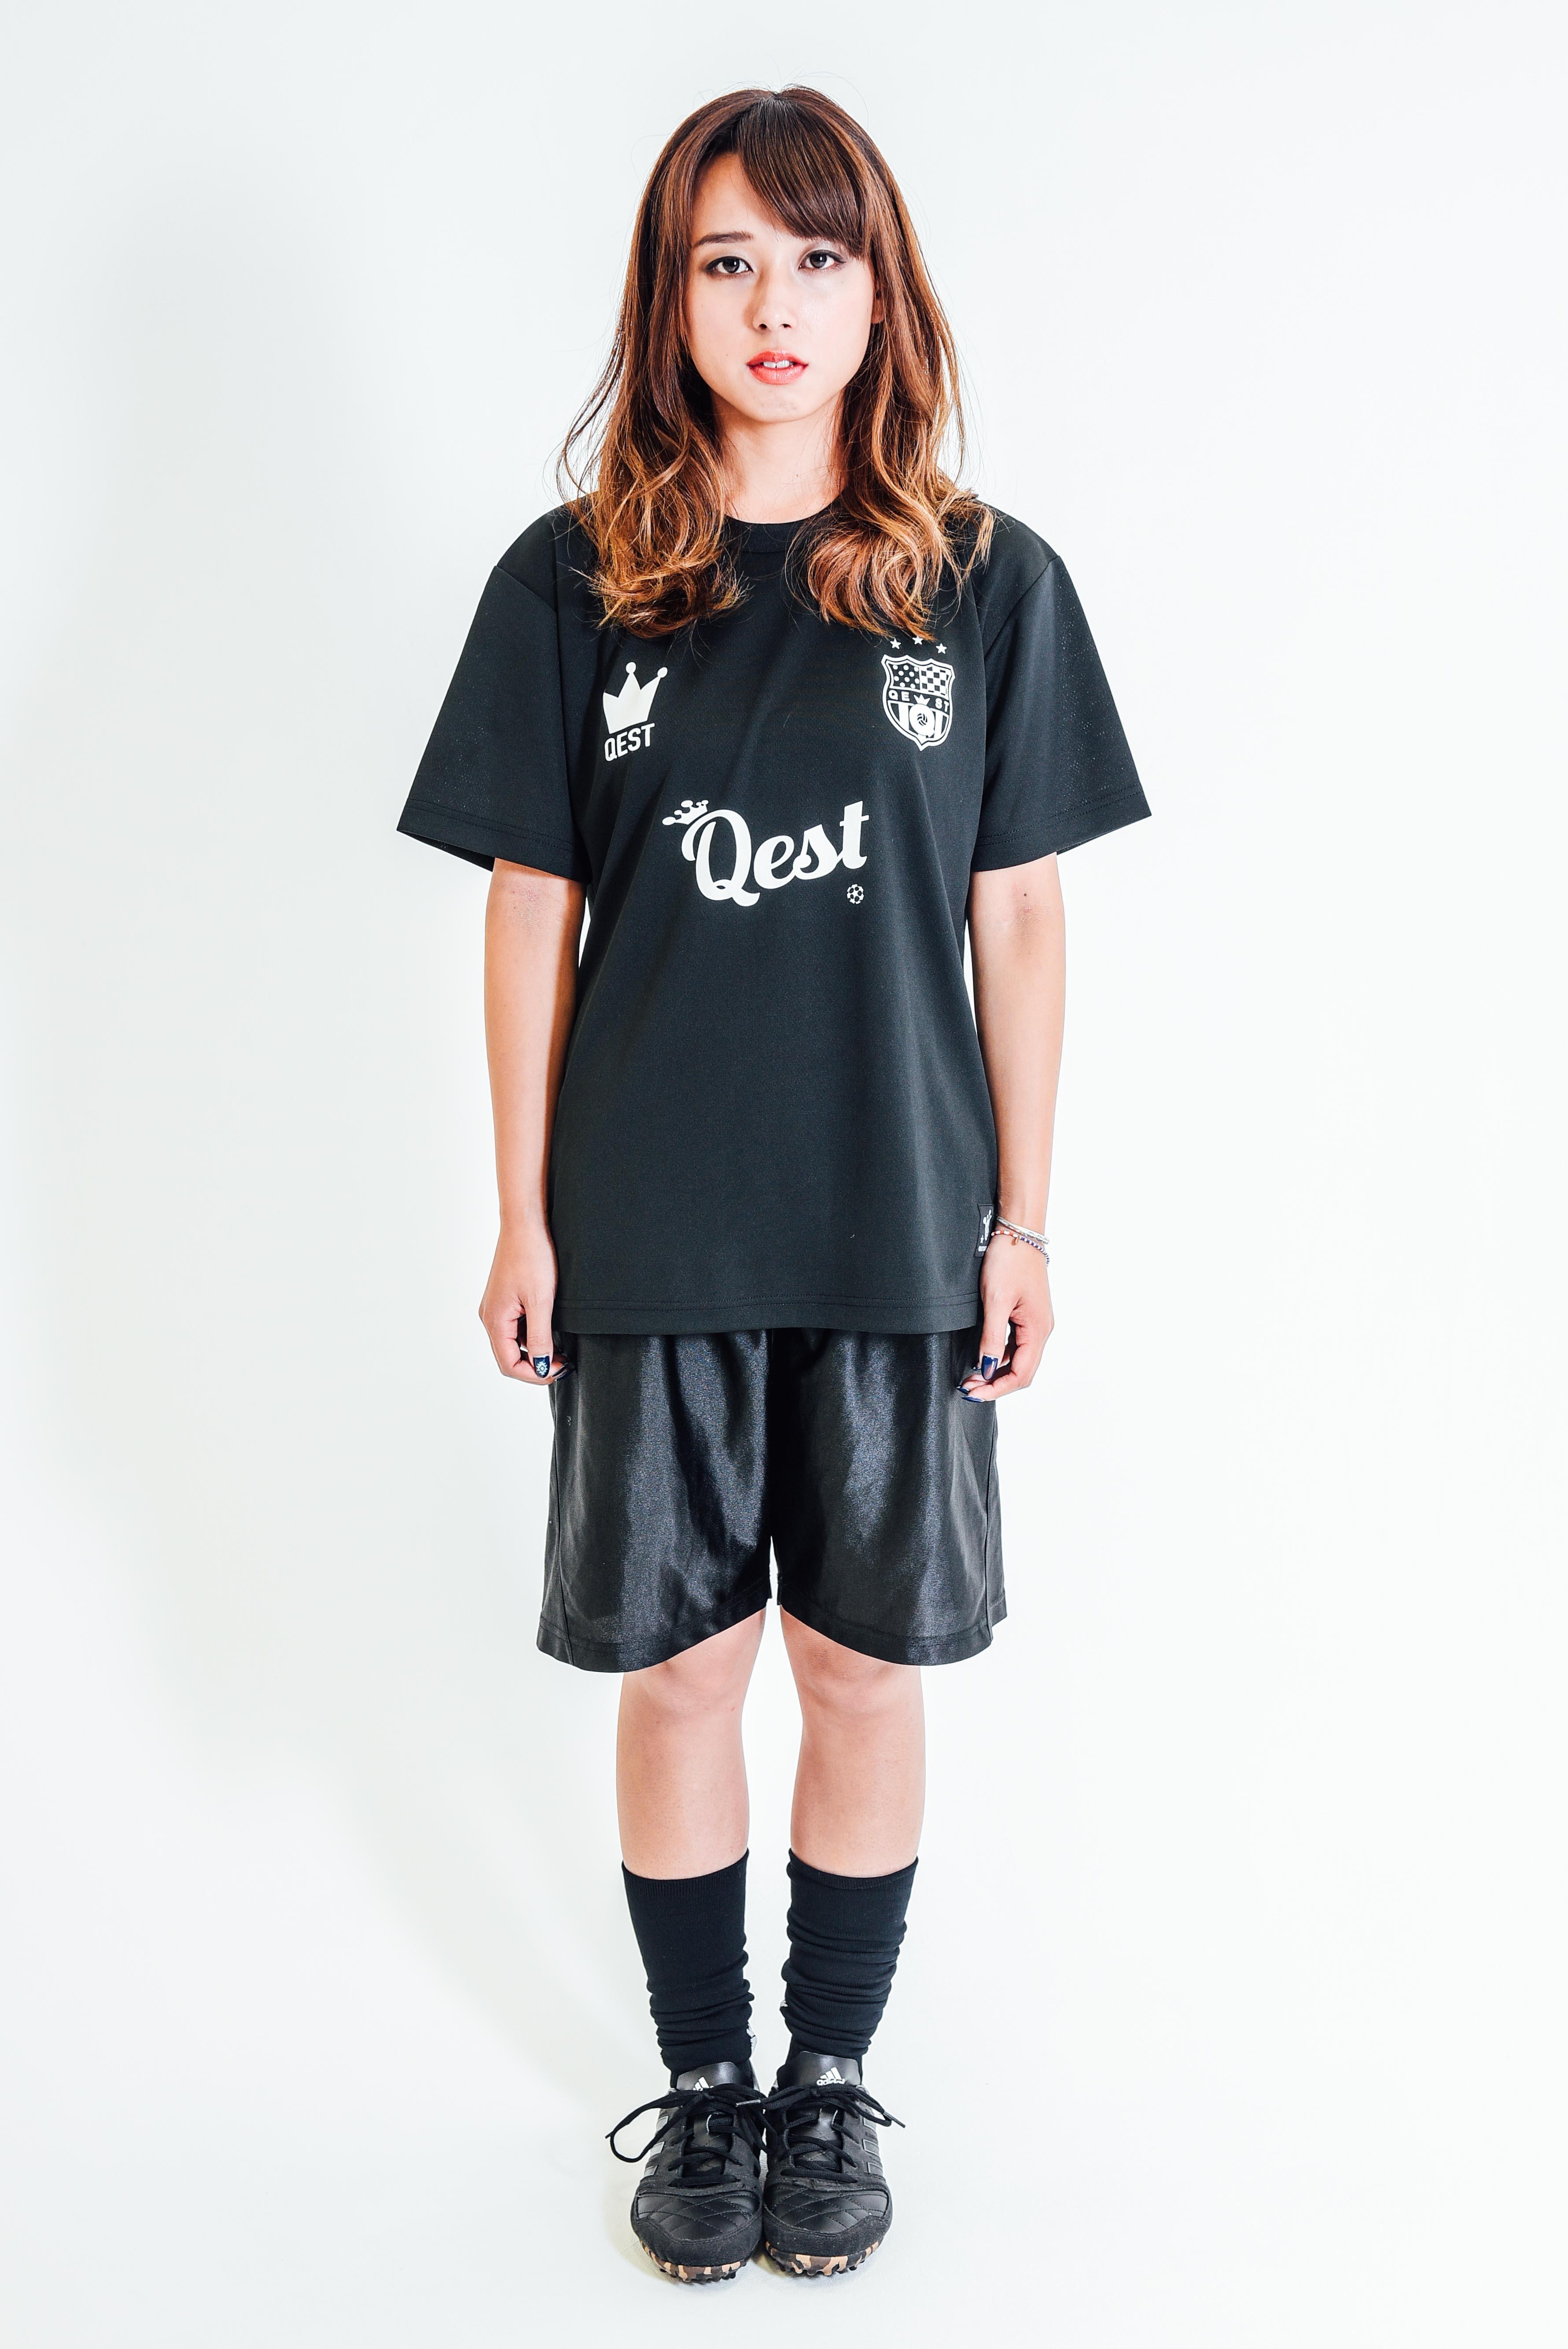 Qest Crown Practice Shirt / Black - 画像3